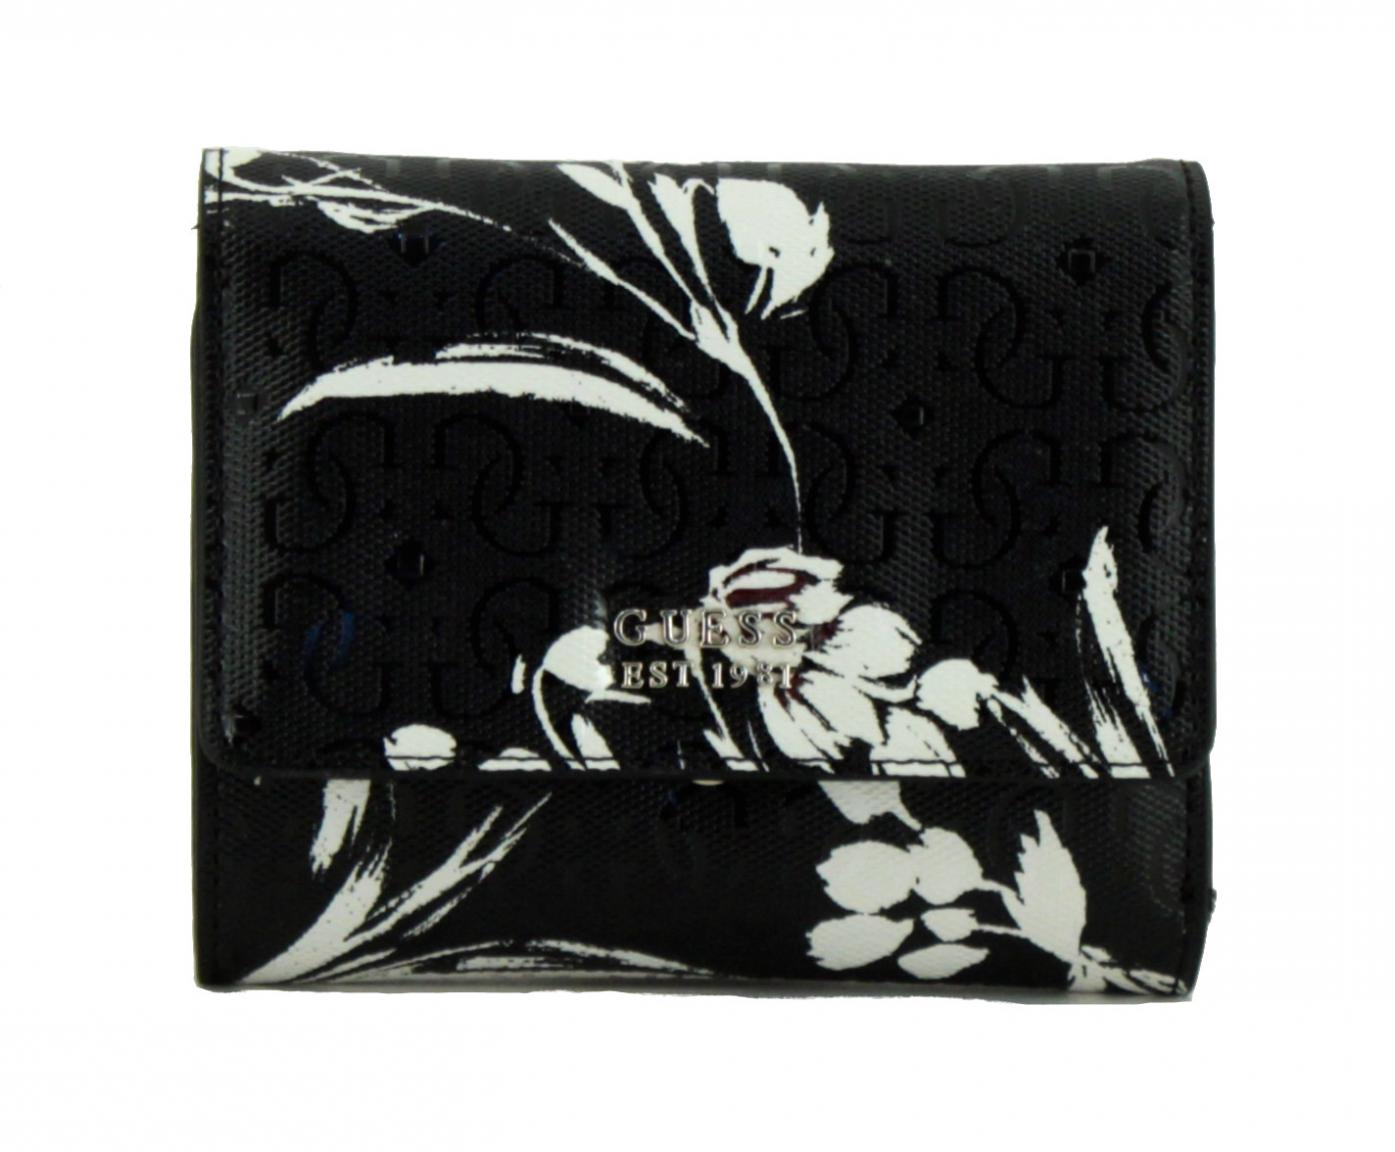 Geldtäschchen Guess Tamra Black Floral geprägt Blumen schwarz